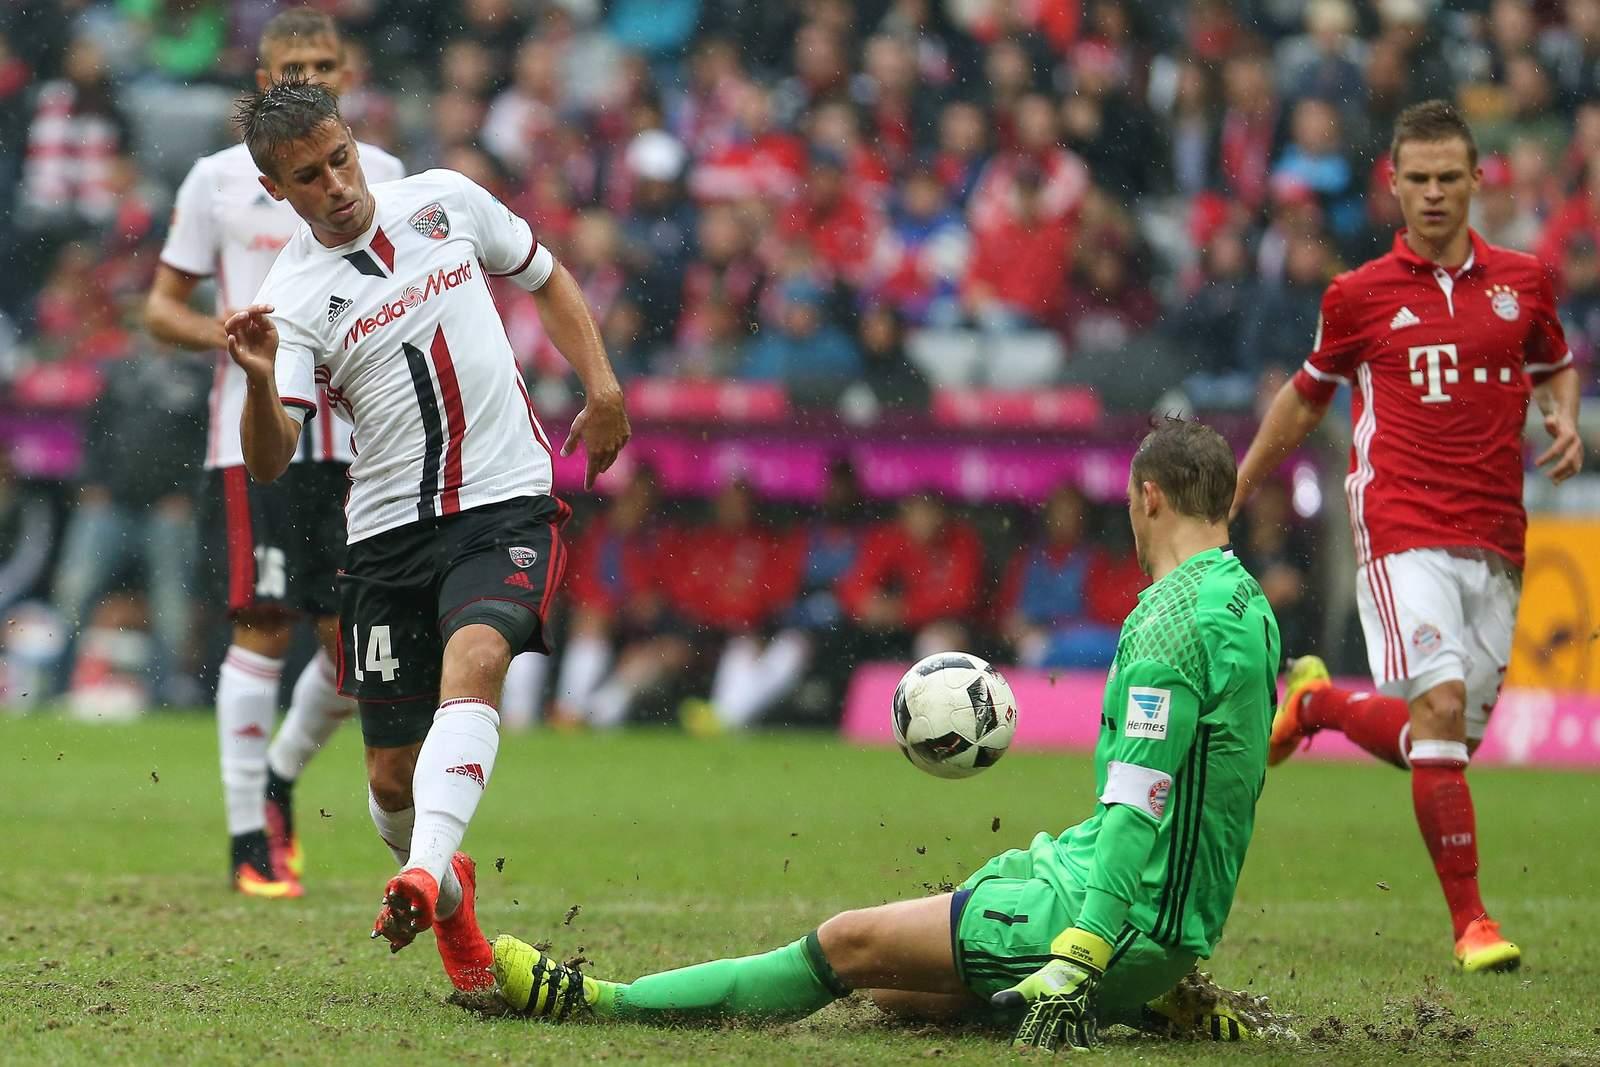 Stefan Lex scheitert beim Spiel Ingolstadt vs Bayern an Manuel Neuer